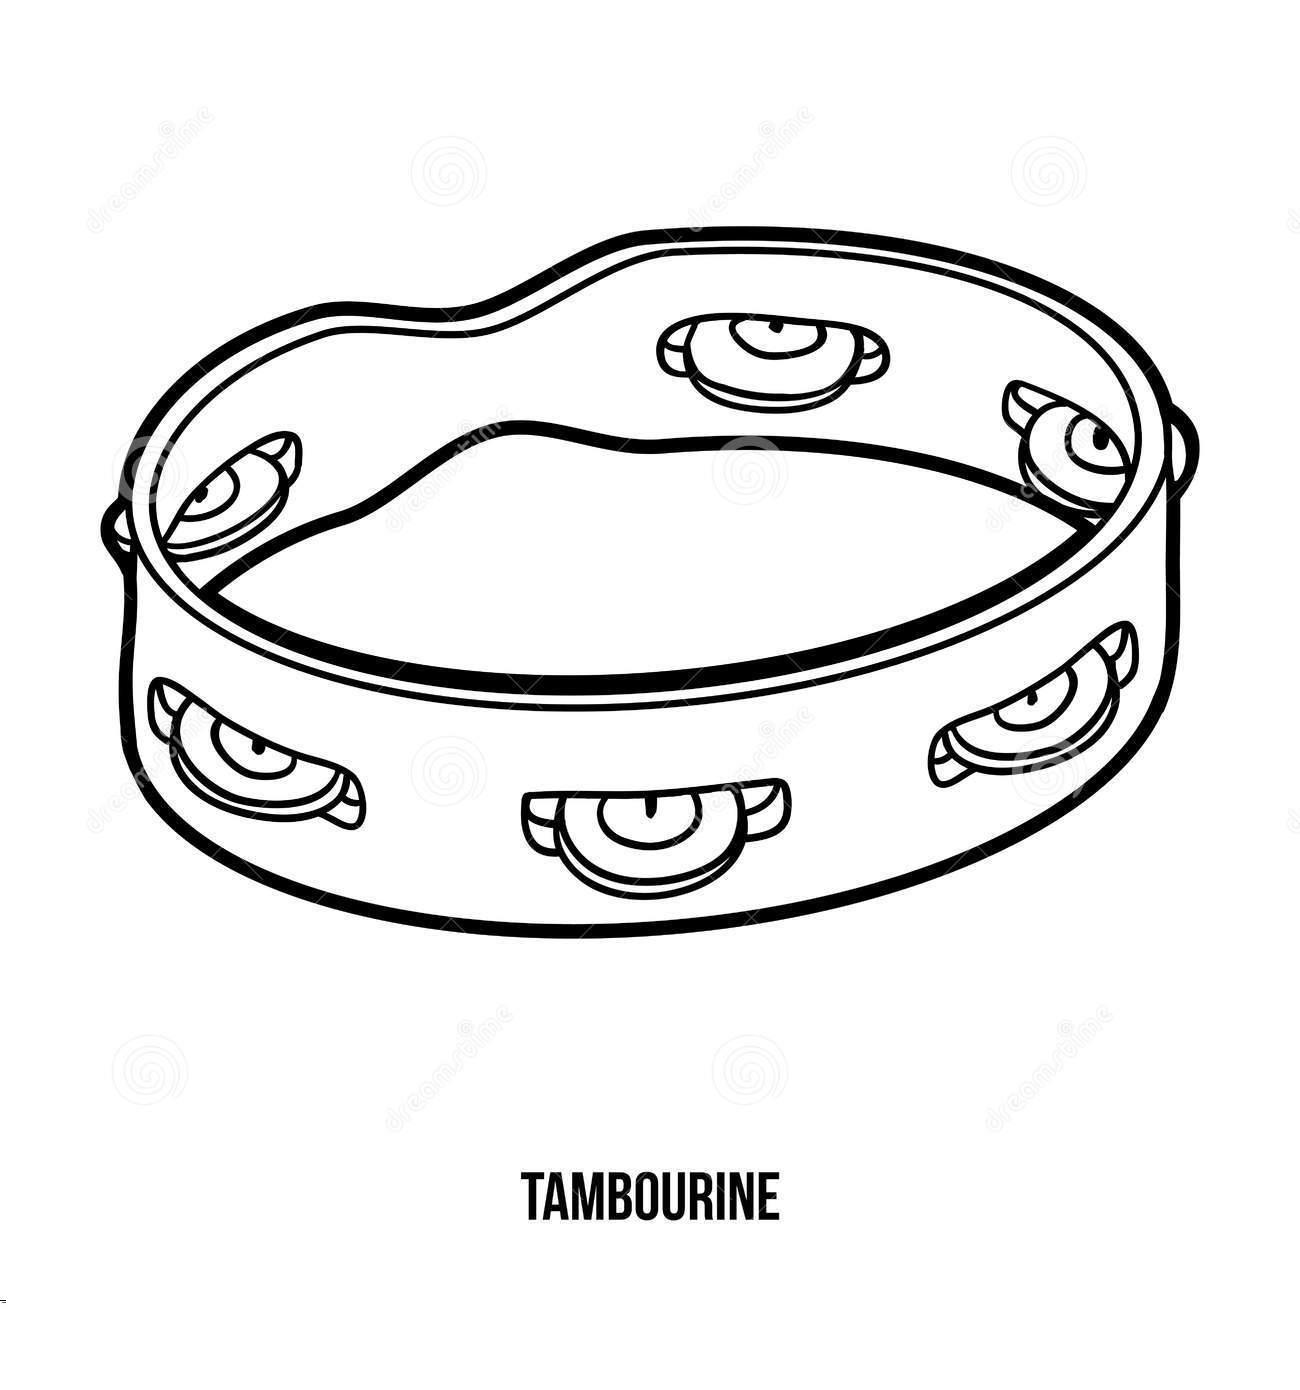 Тамбурин бубен